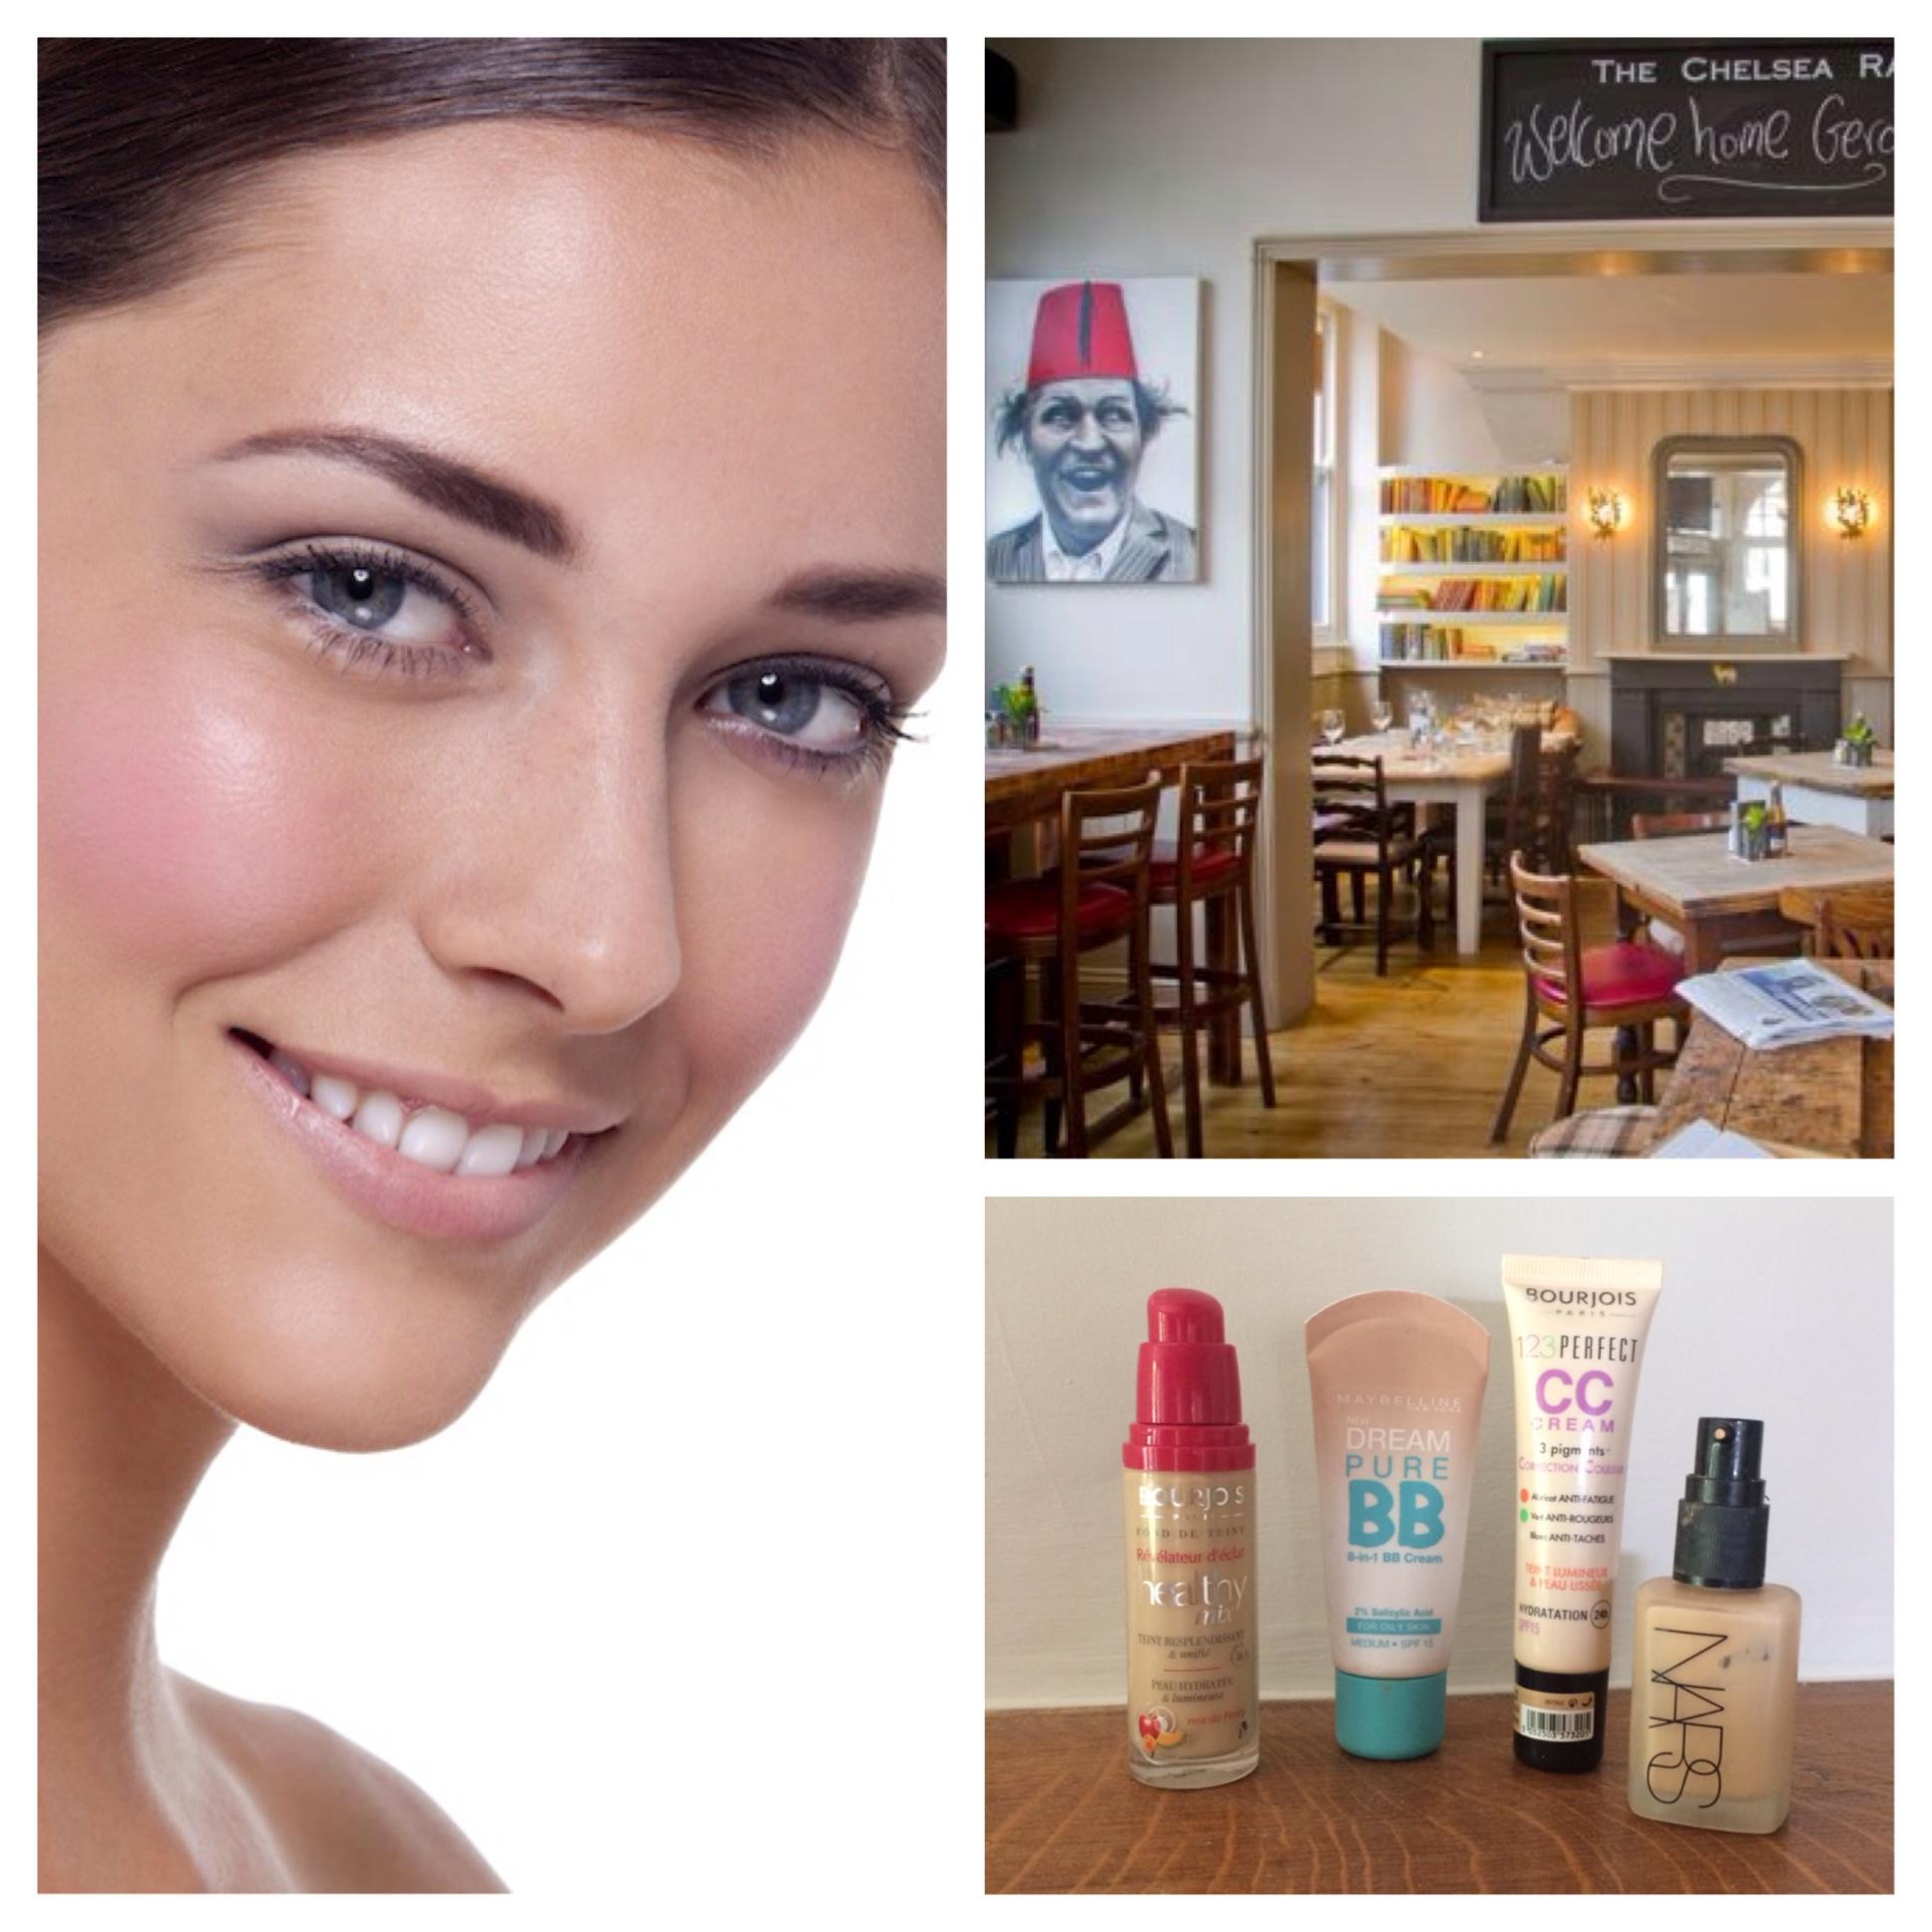 pop up makeup school chelsea